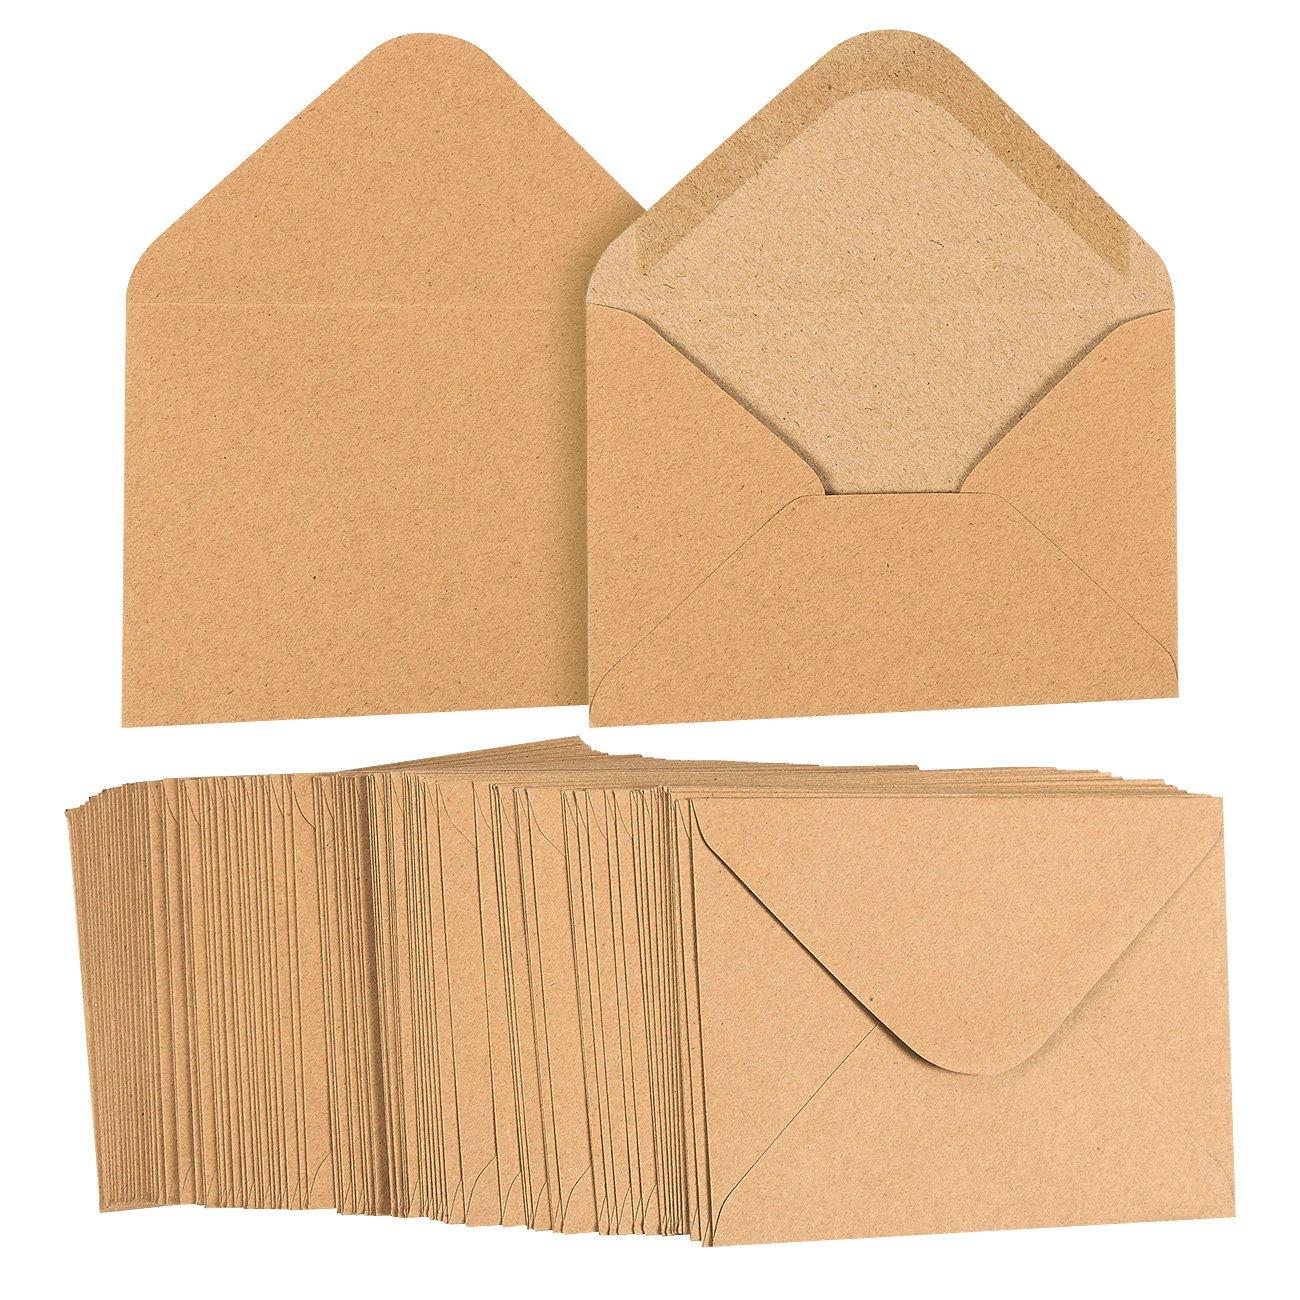 100 pezzi marrone kraft Grocery bag A2 buste per 4 x 5 buste per biglietti di auguri e inviti annunci –  Confezione risparmio Square flap –  4 3/8 inches x 5 3/4 inches&nbs